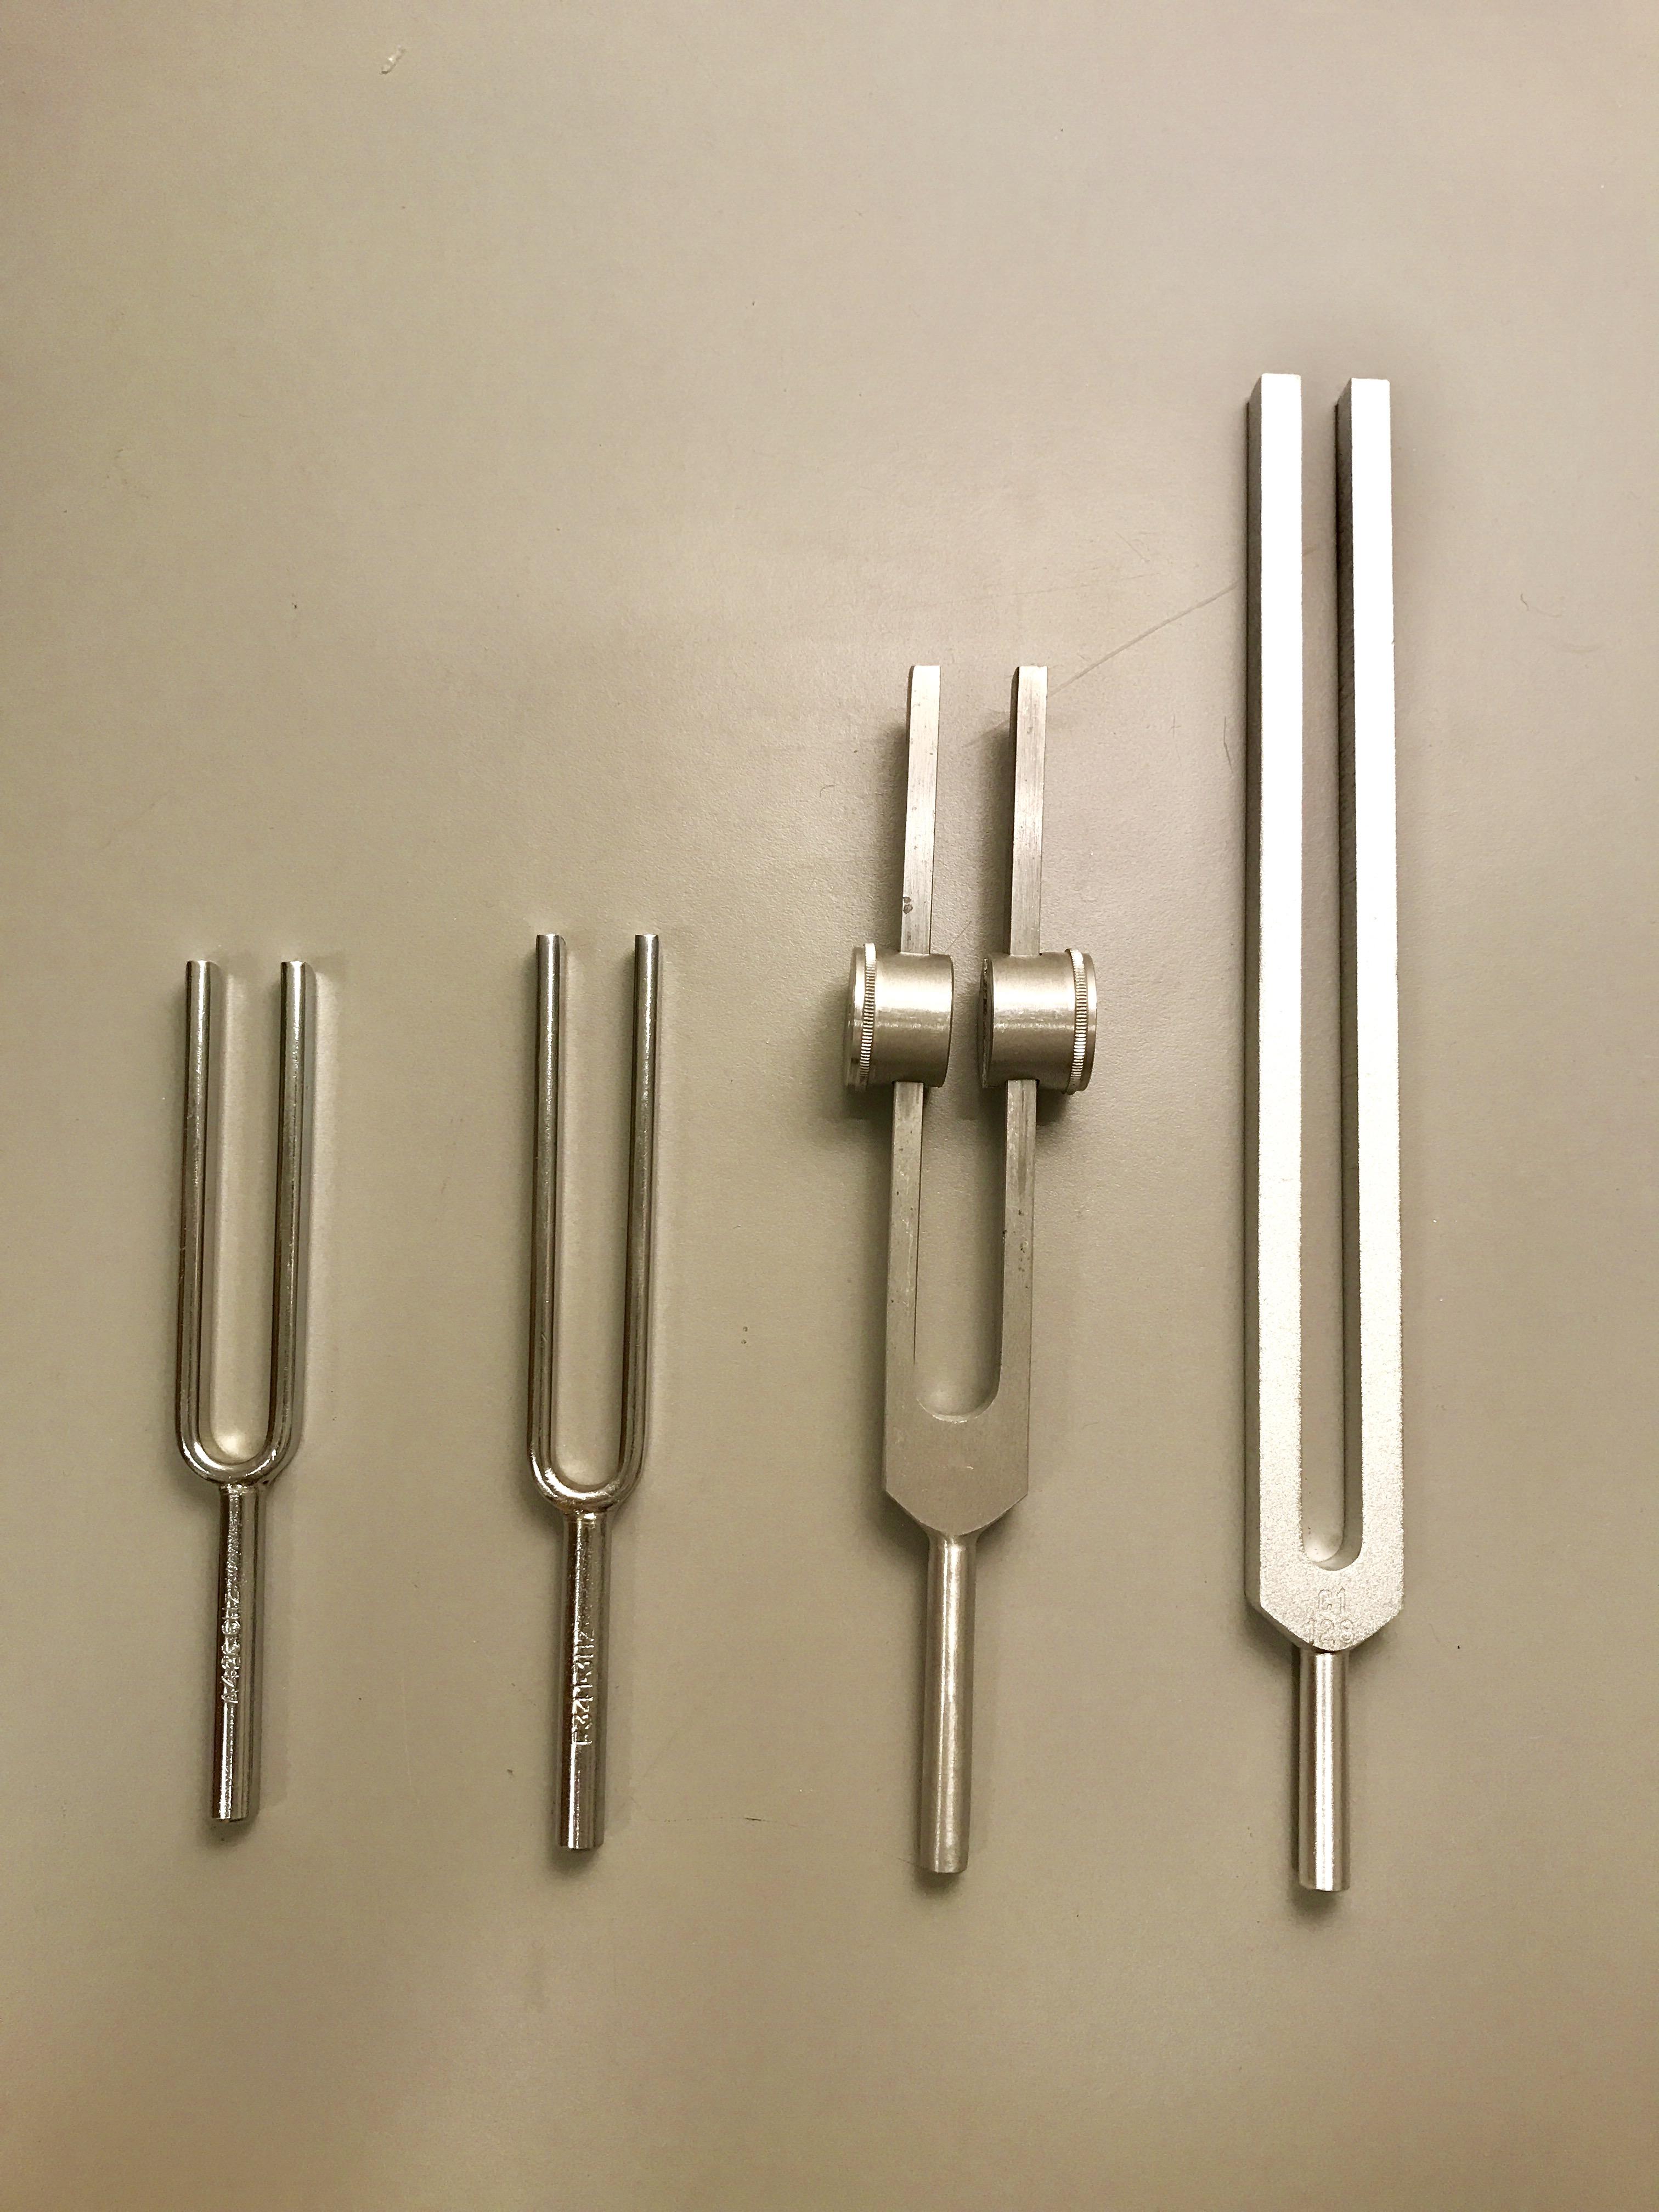 Tuning fork workshop